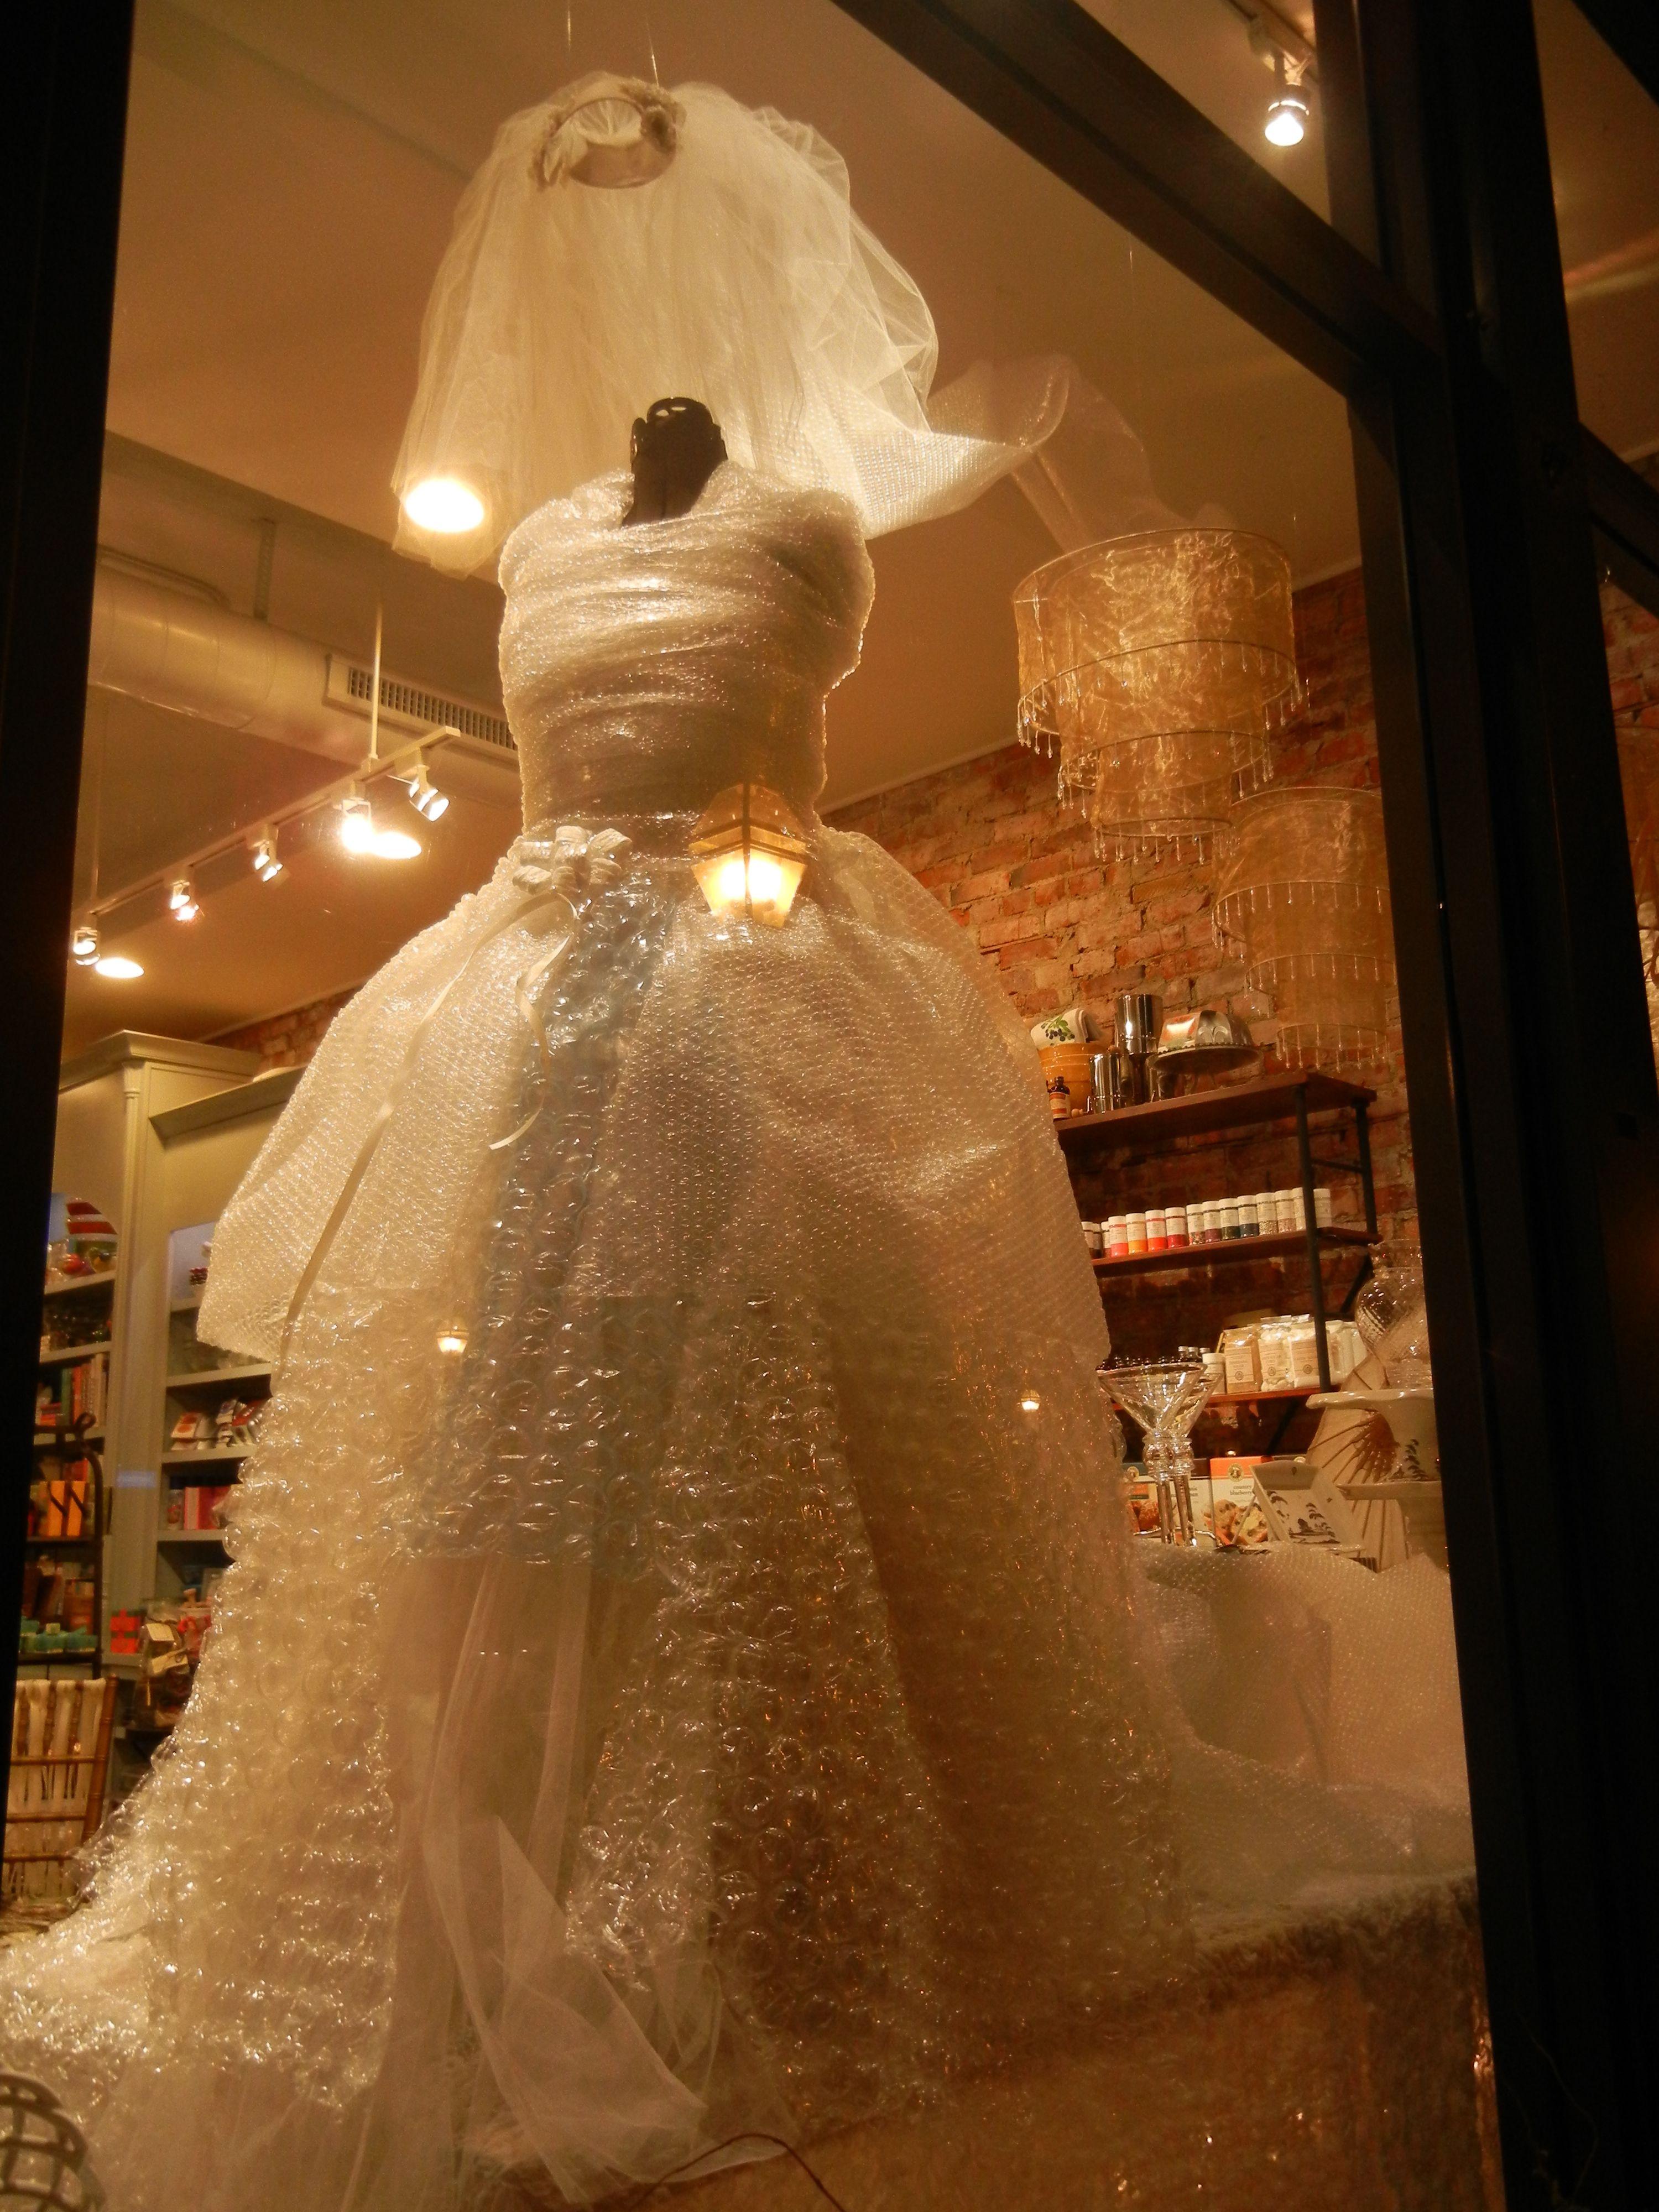 Bubble Wrap Dress I Helped Make For Marcel S Window